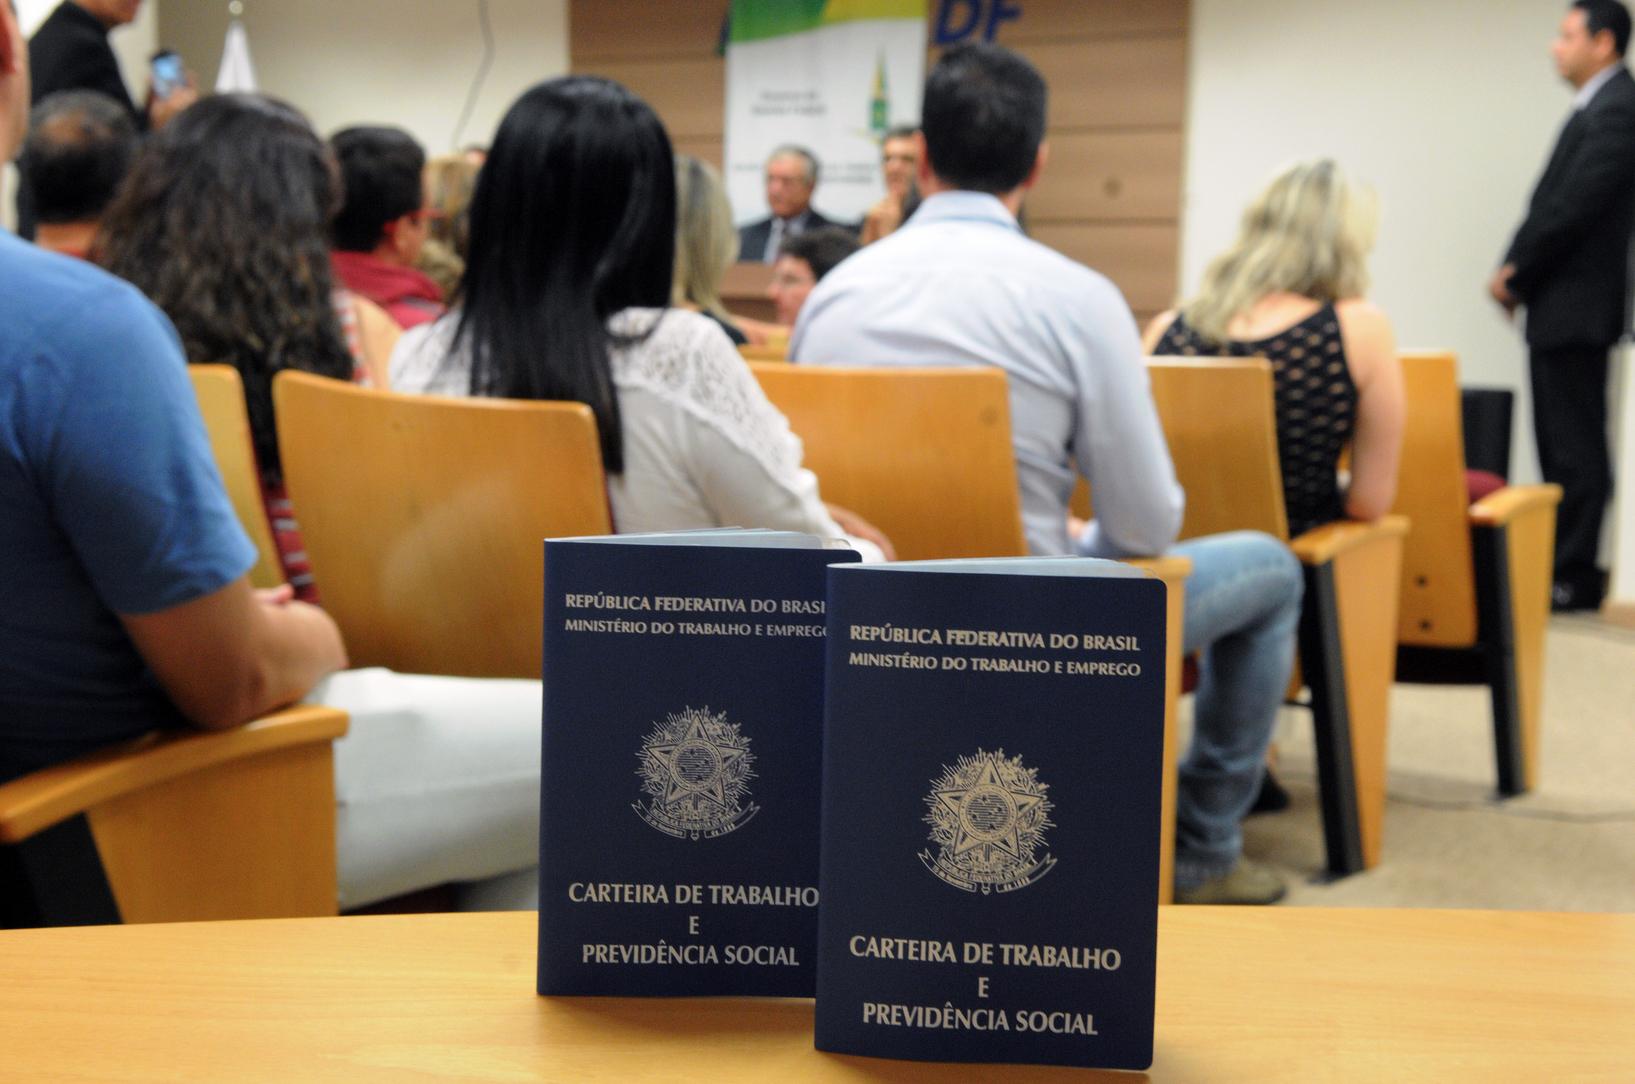 Desemprego continua a crescer no país e atinge 14,2 milhões de brasileiros